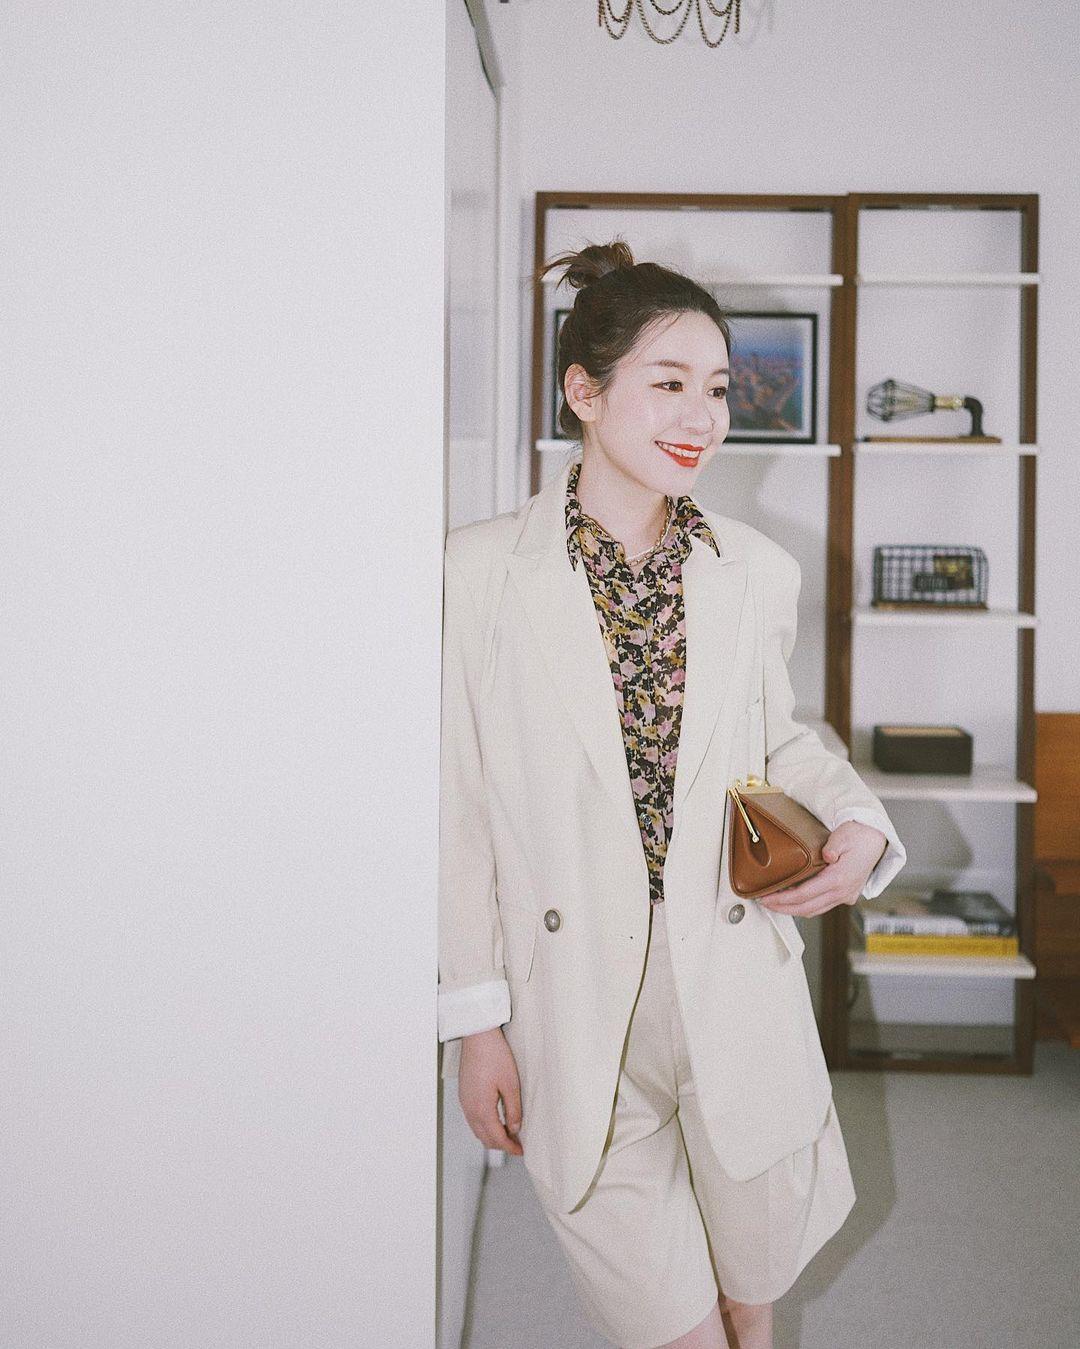 Chỉ với một kiểu blazer, nàng fashionista đã mix được cả chục set đồ xịn đẹp, thấy mà chẳng muốn shopping nhiều cho phí tiền - Ảnh 2.